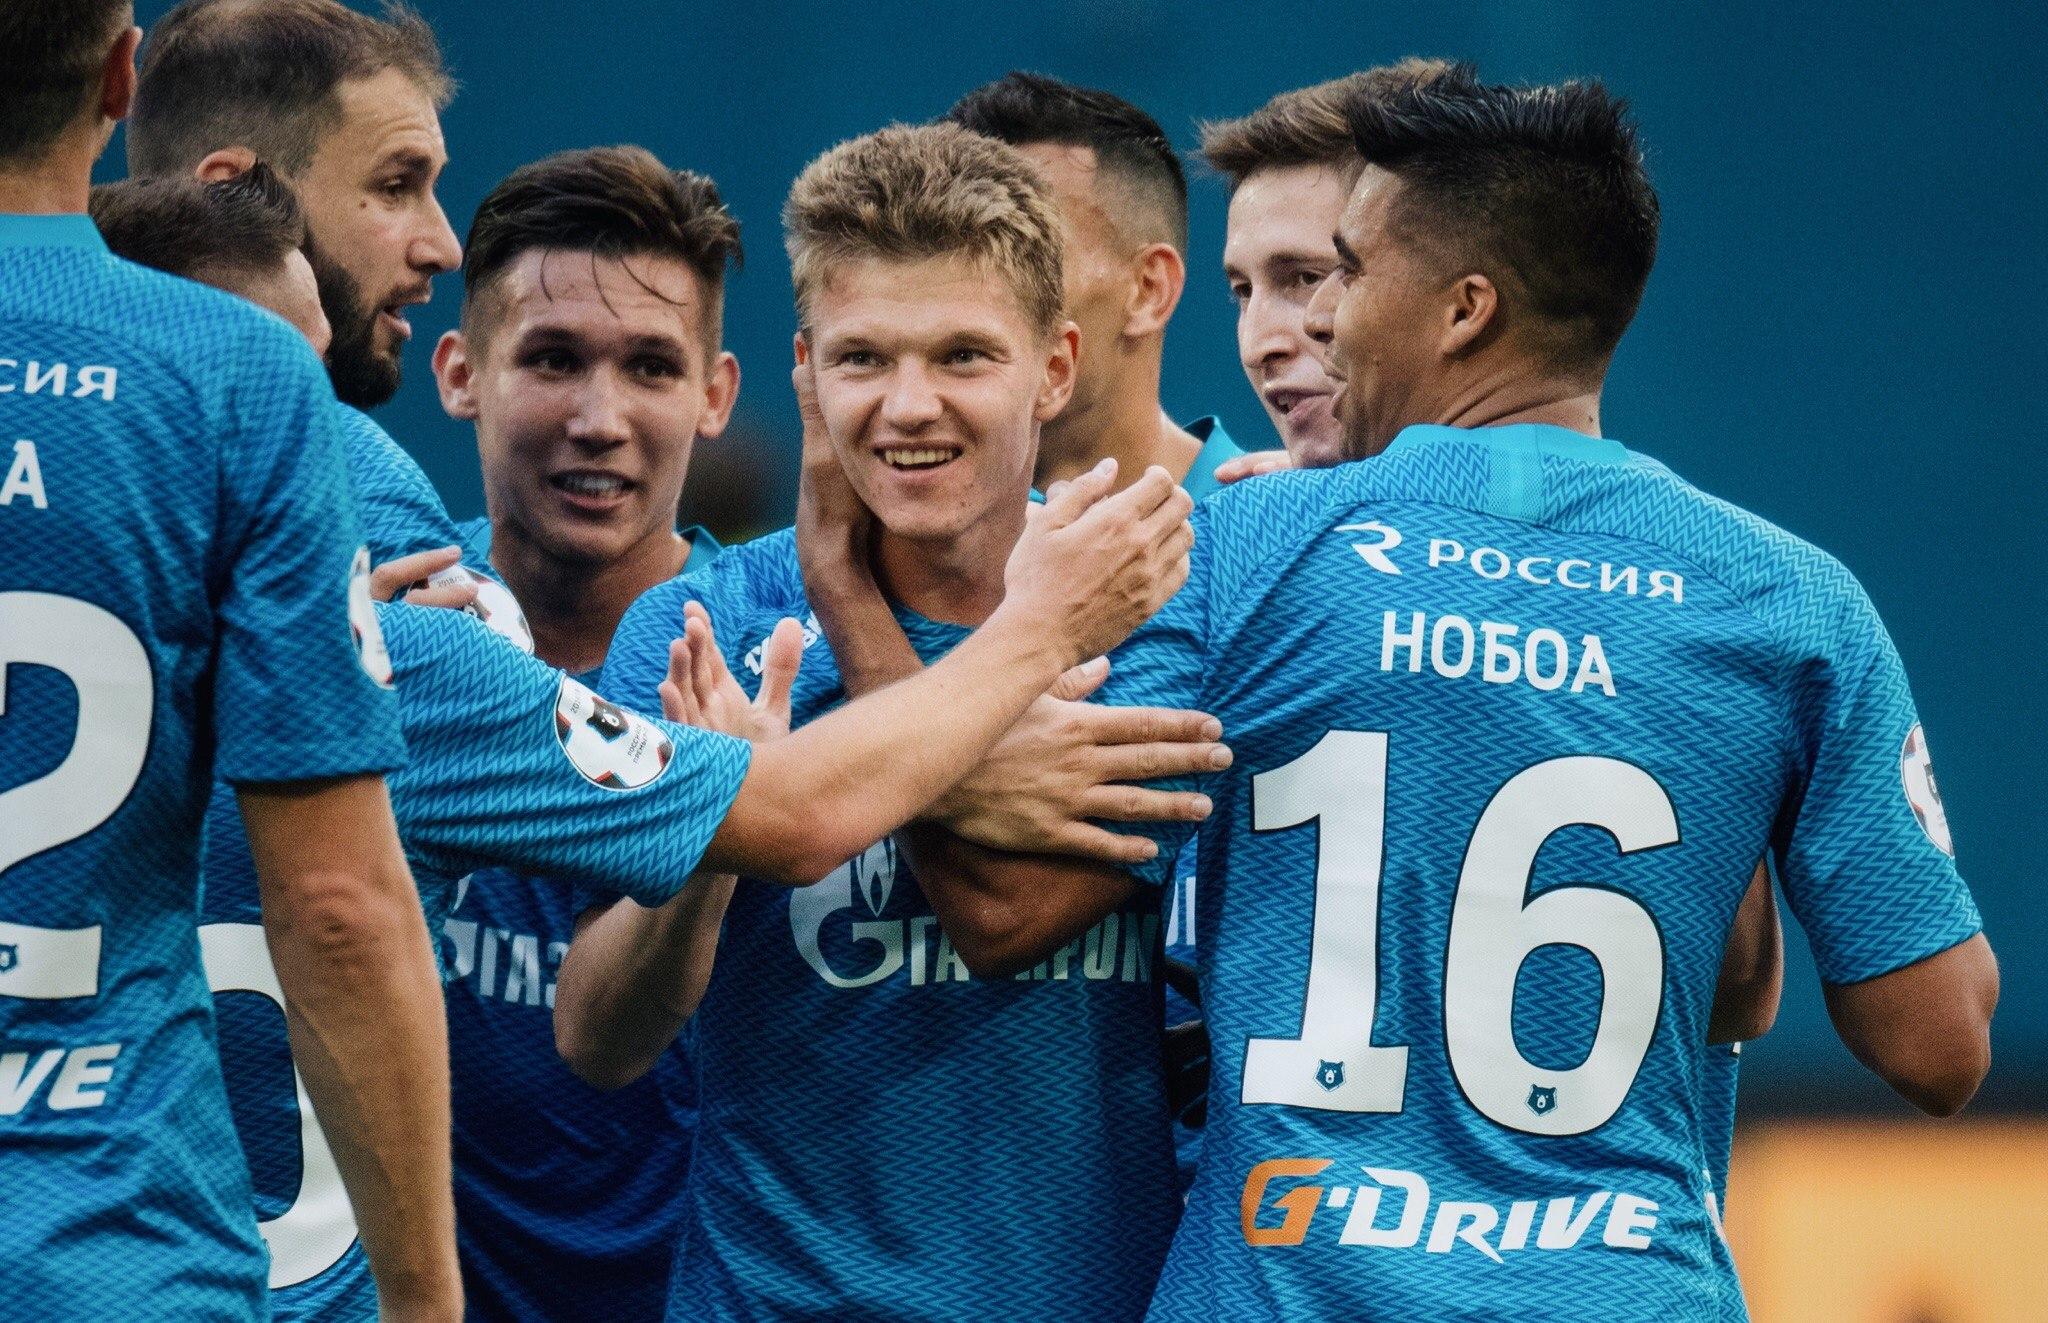 Europa League, Bordeaux-Zenit San Pietroburgo giovedì 8 novembre: analisi e pronostico della quarta giornata del gruppo C